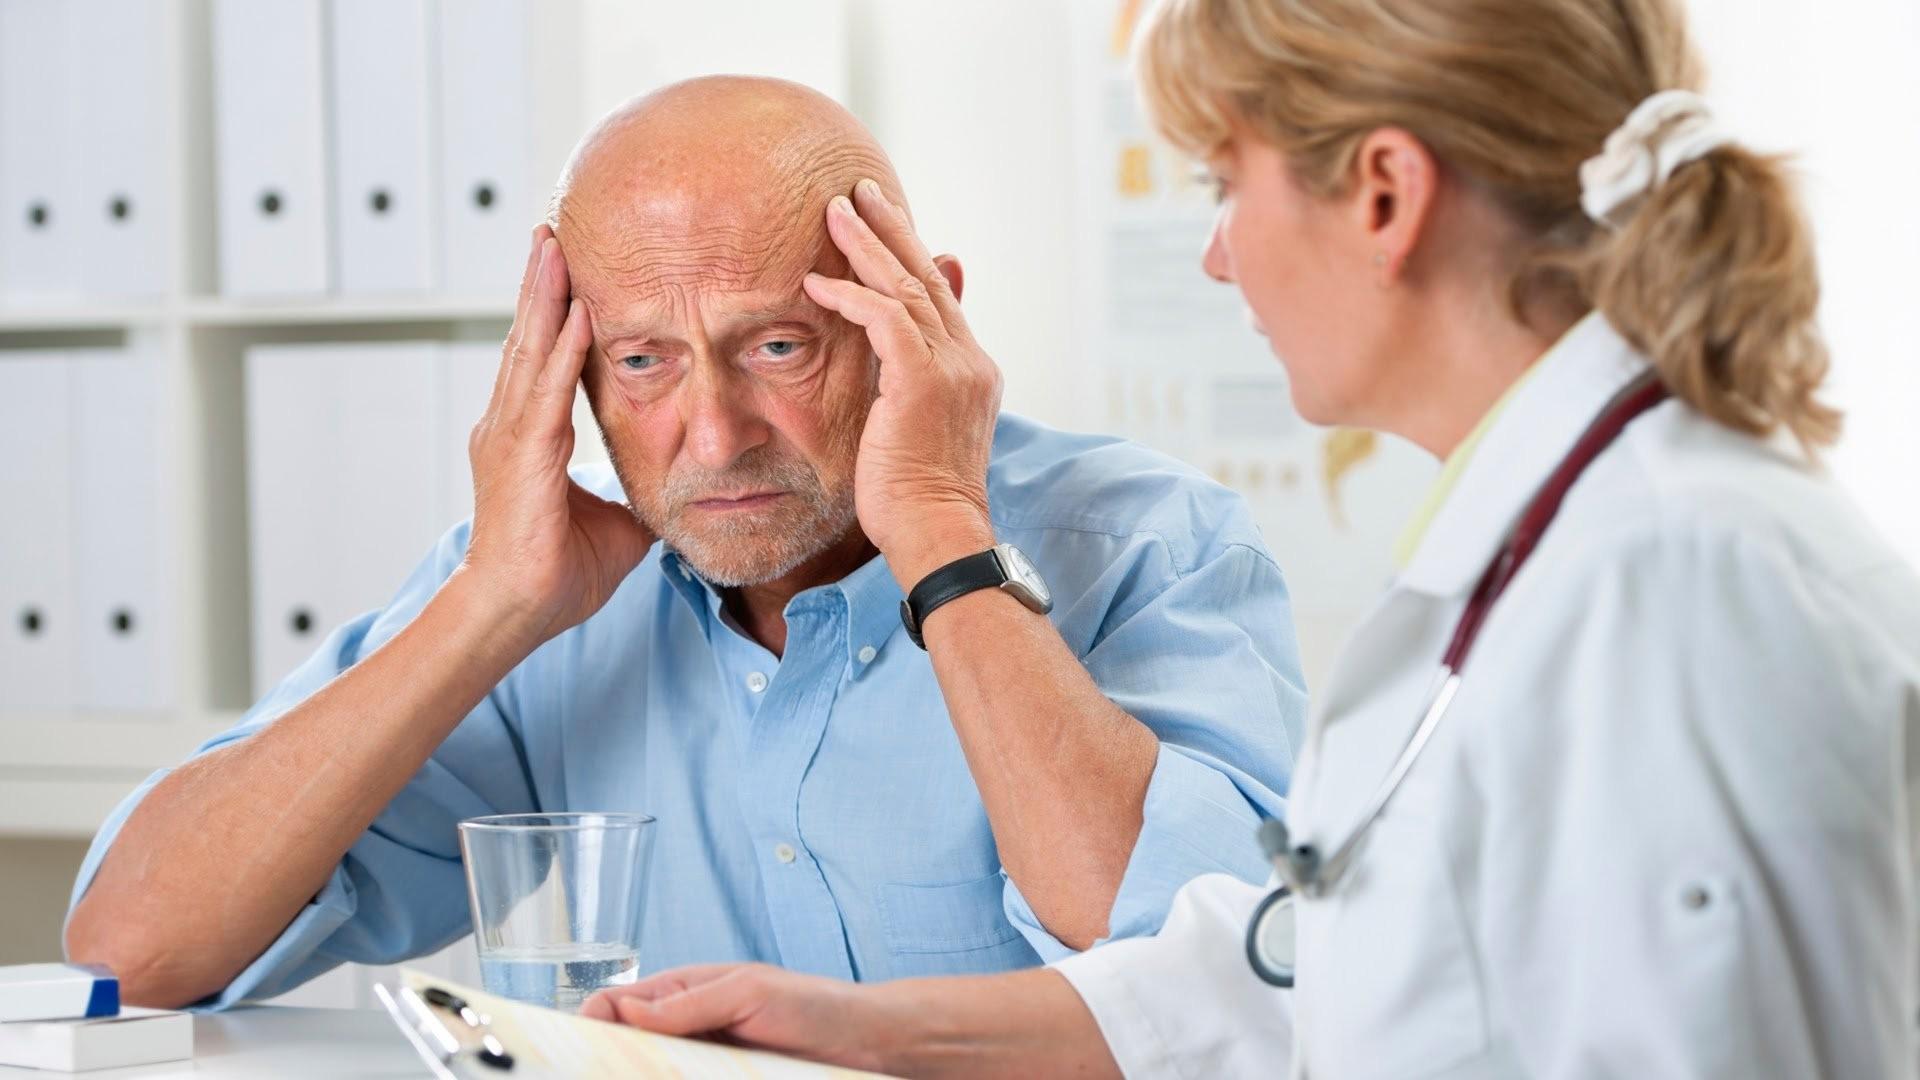 Ученые рассказали, как по лицу определить болезнь человека